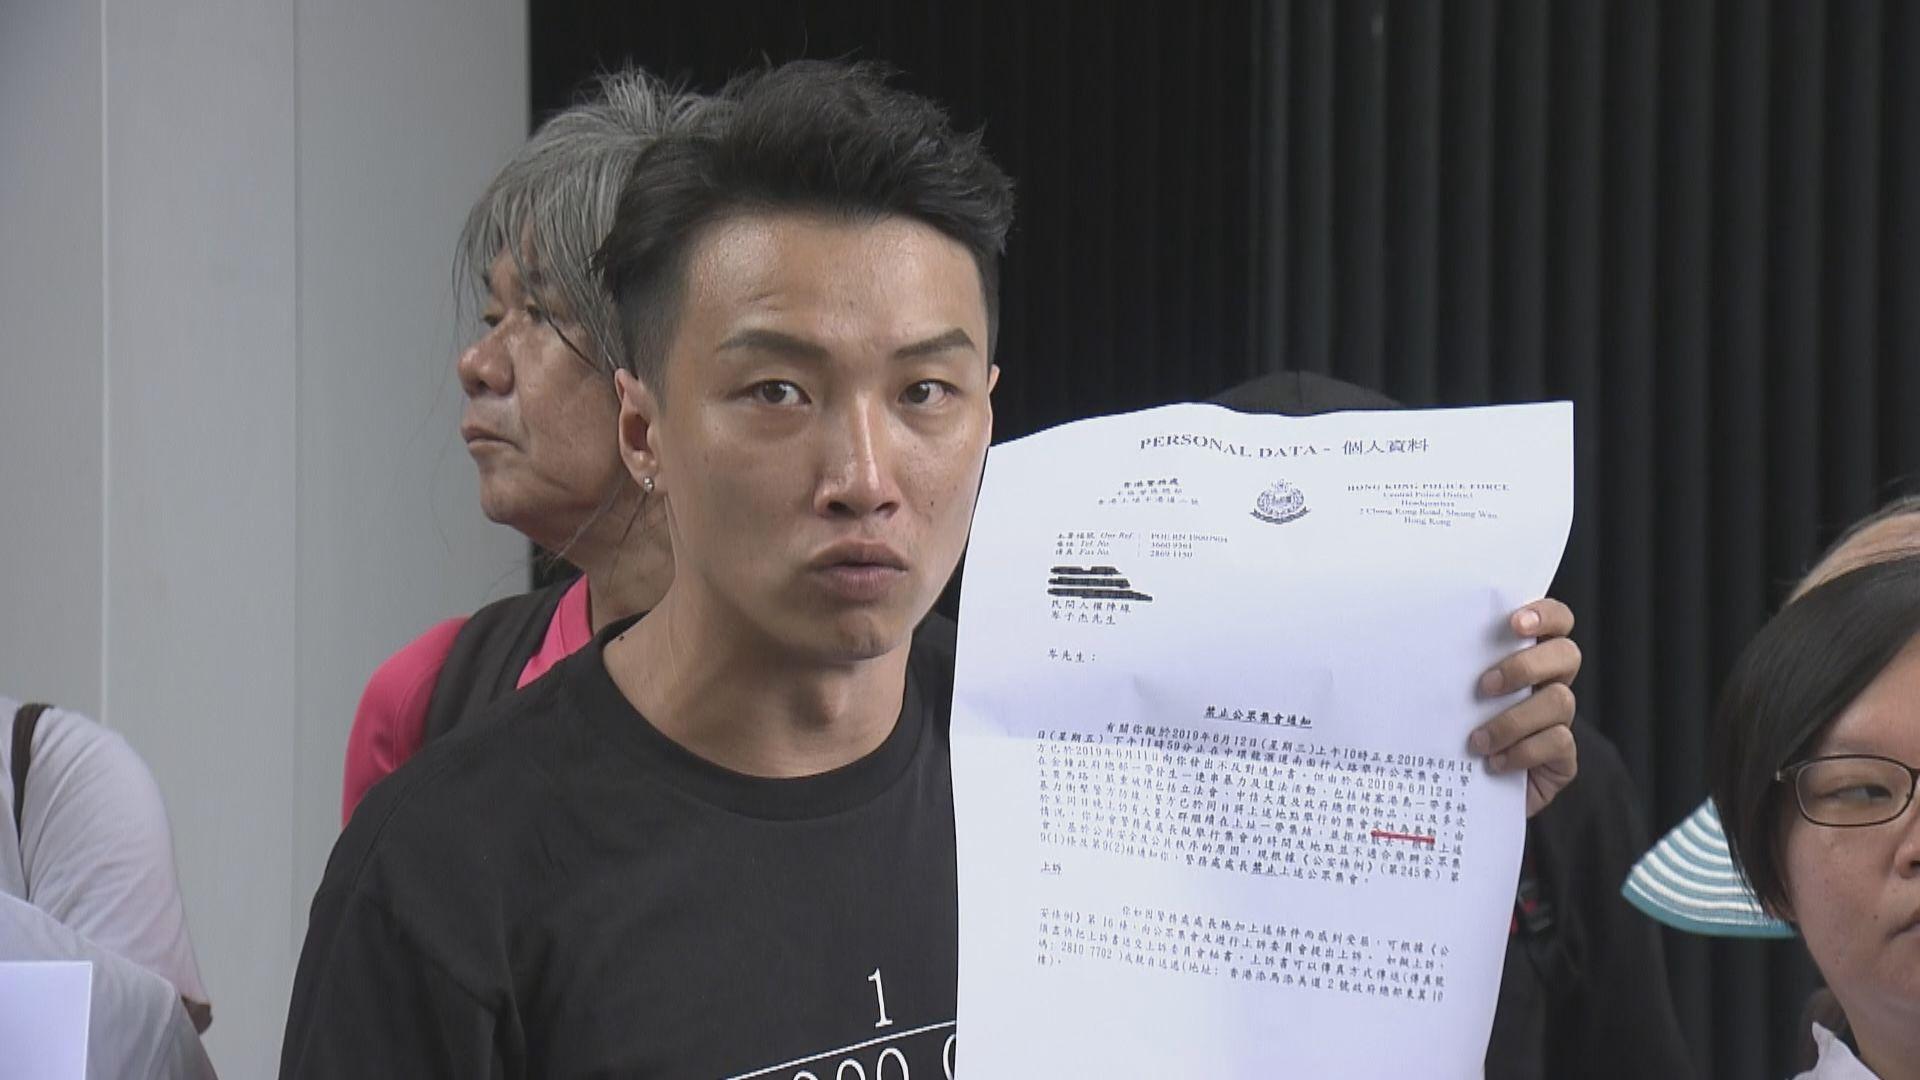 民陣:警方將612定性暴動 批林鄭盧偉聰撒謊